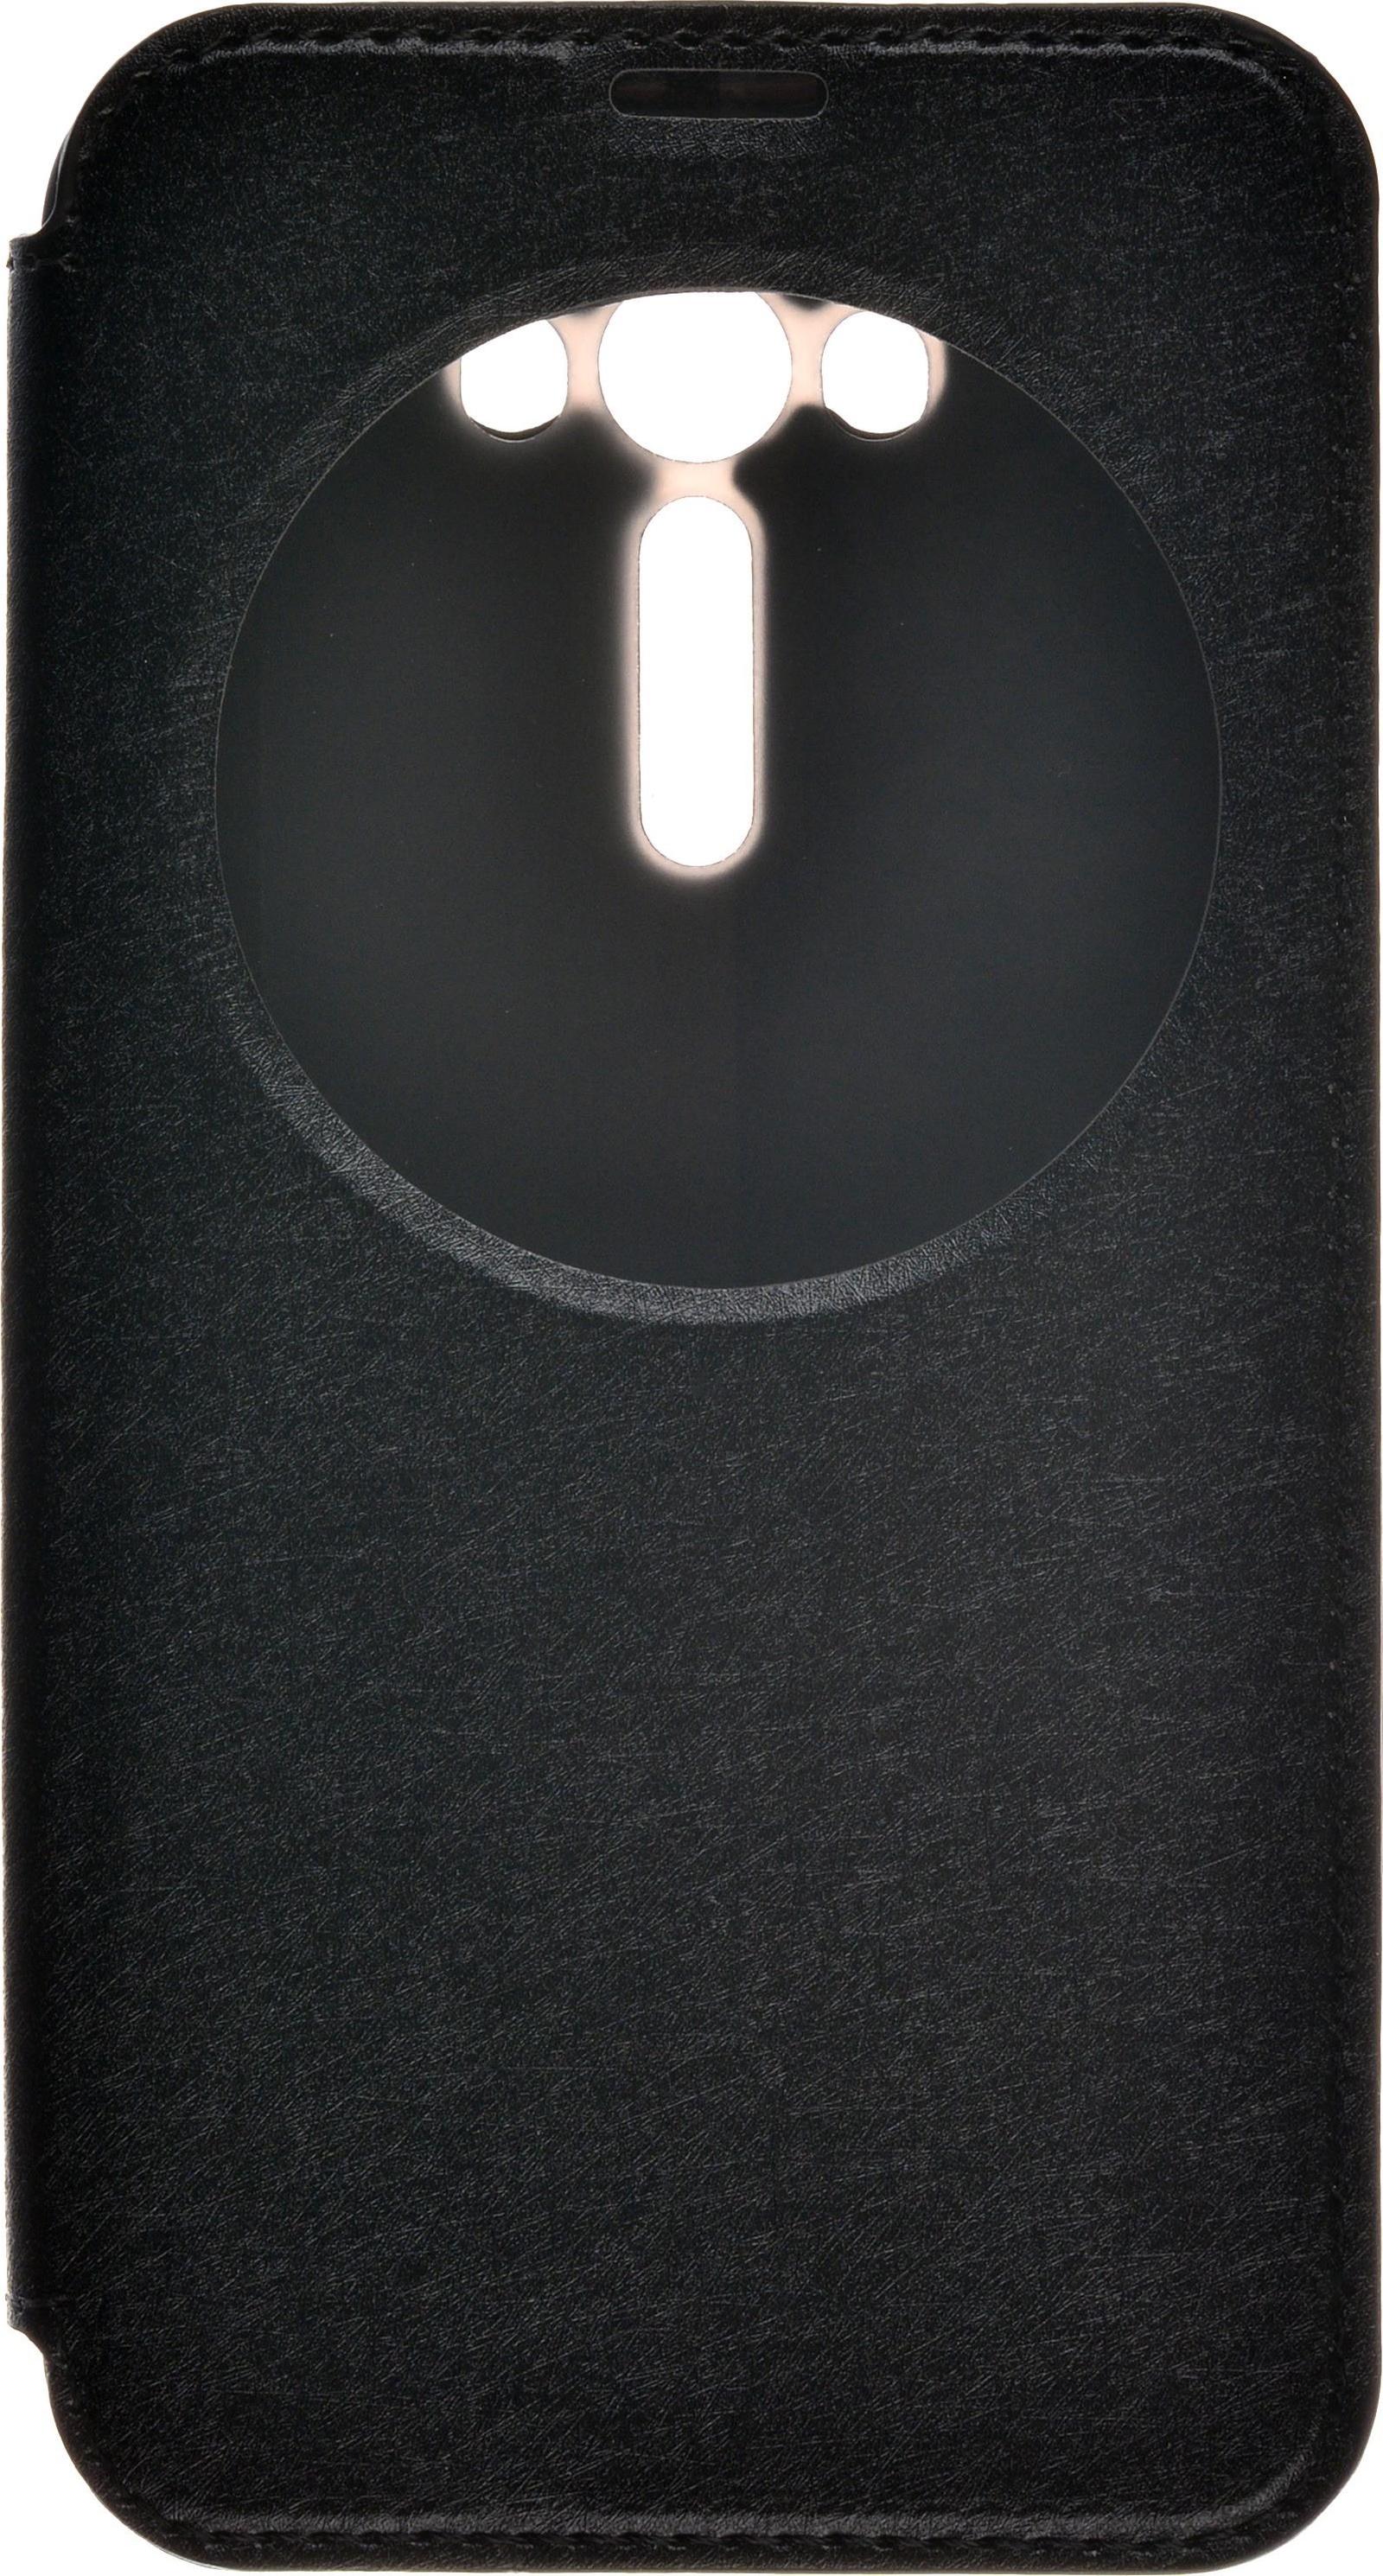 Чехол Skinbox MS AW для Asus Zenfone Laser 2 ZE550KL стоимость